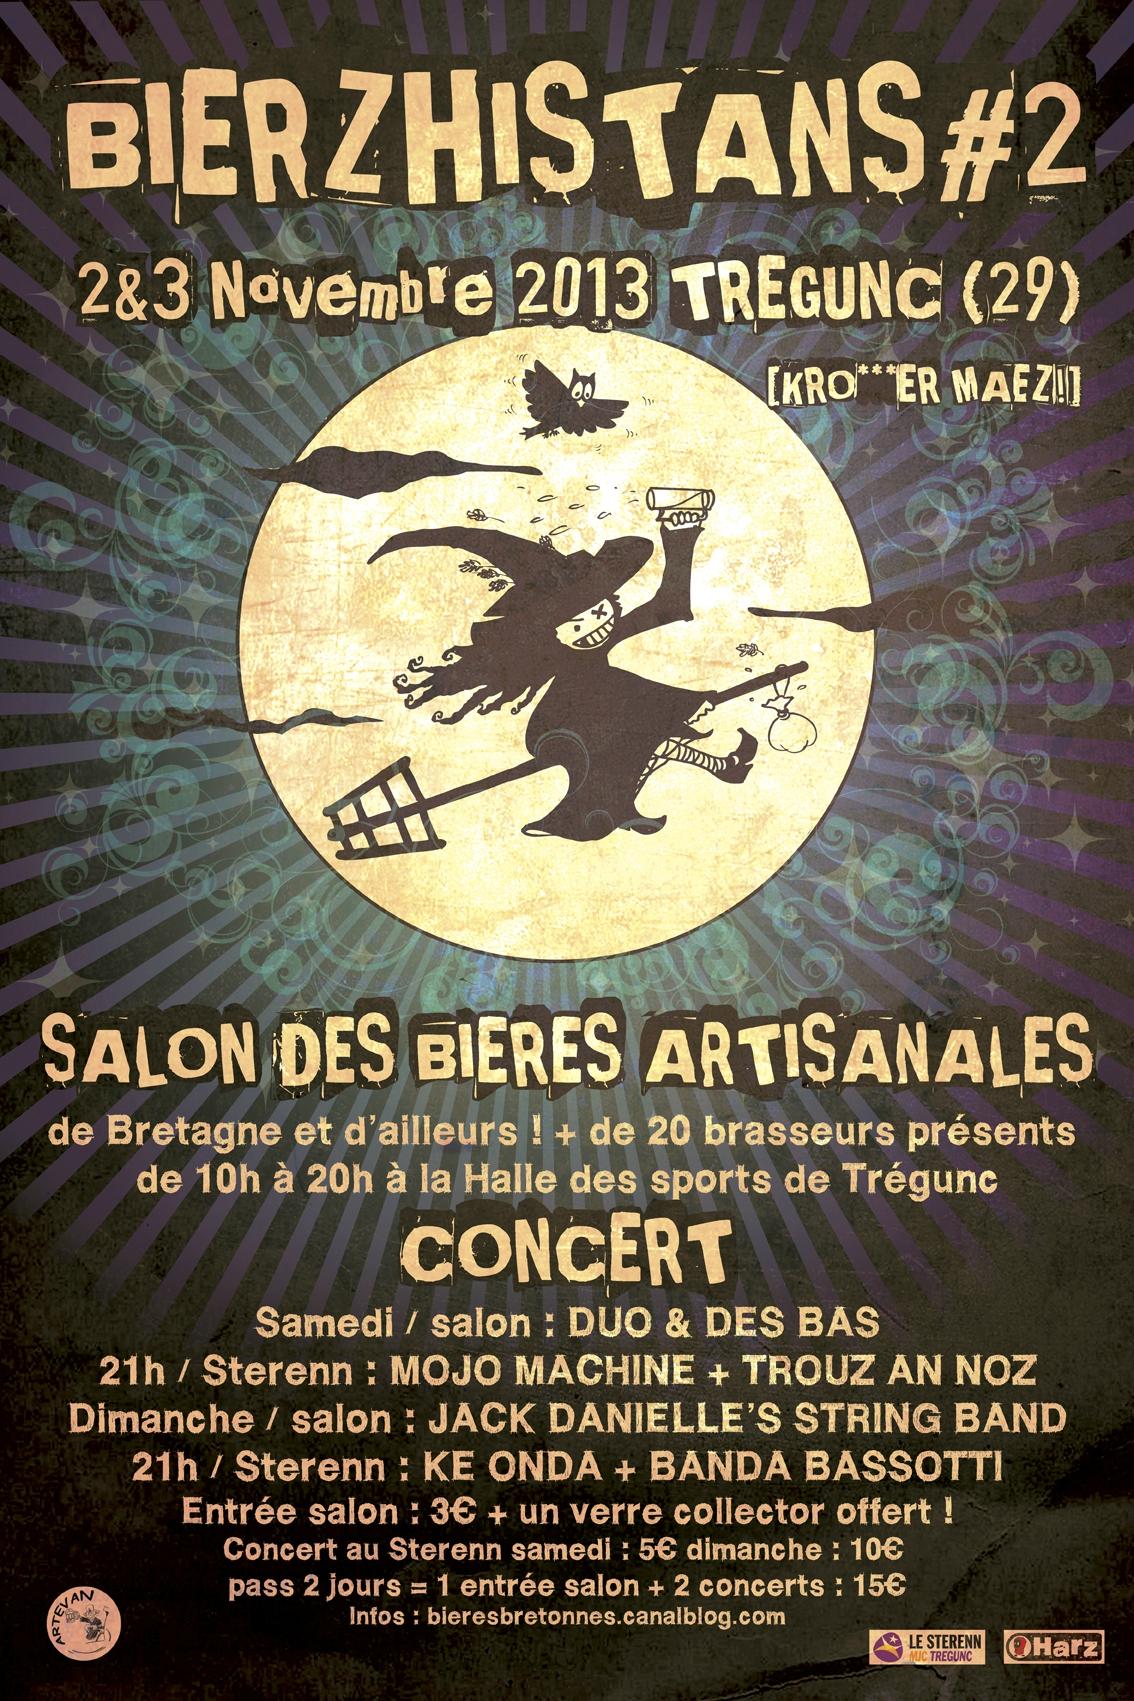 salon bieres bretonnes bierzhistans tregunc